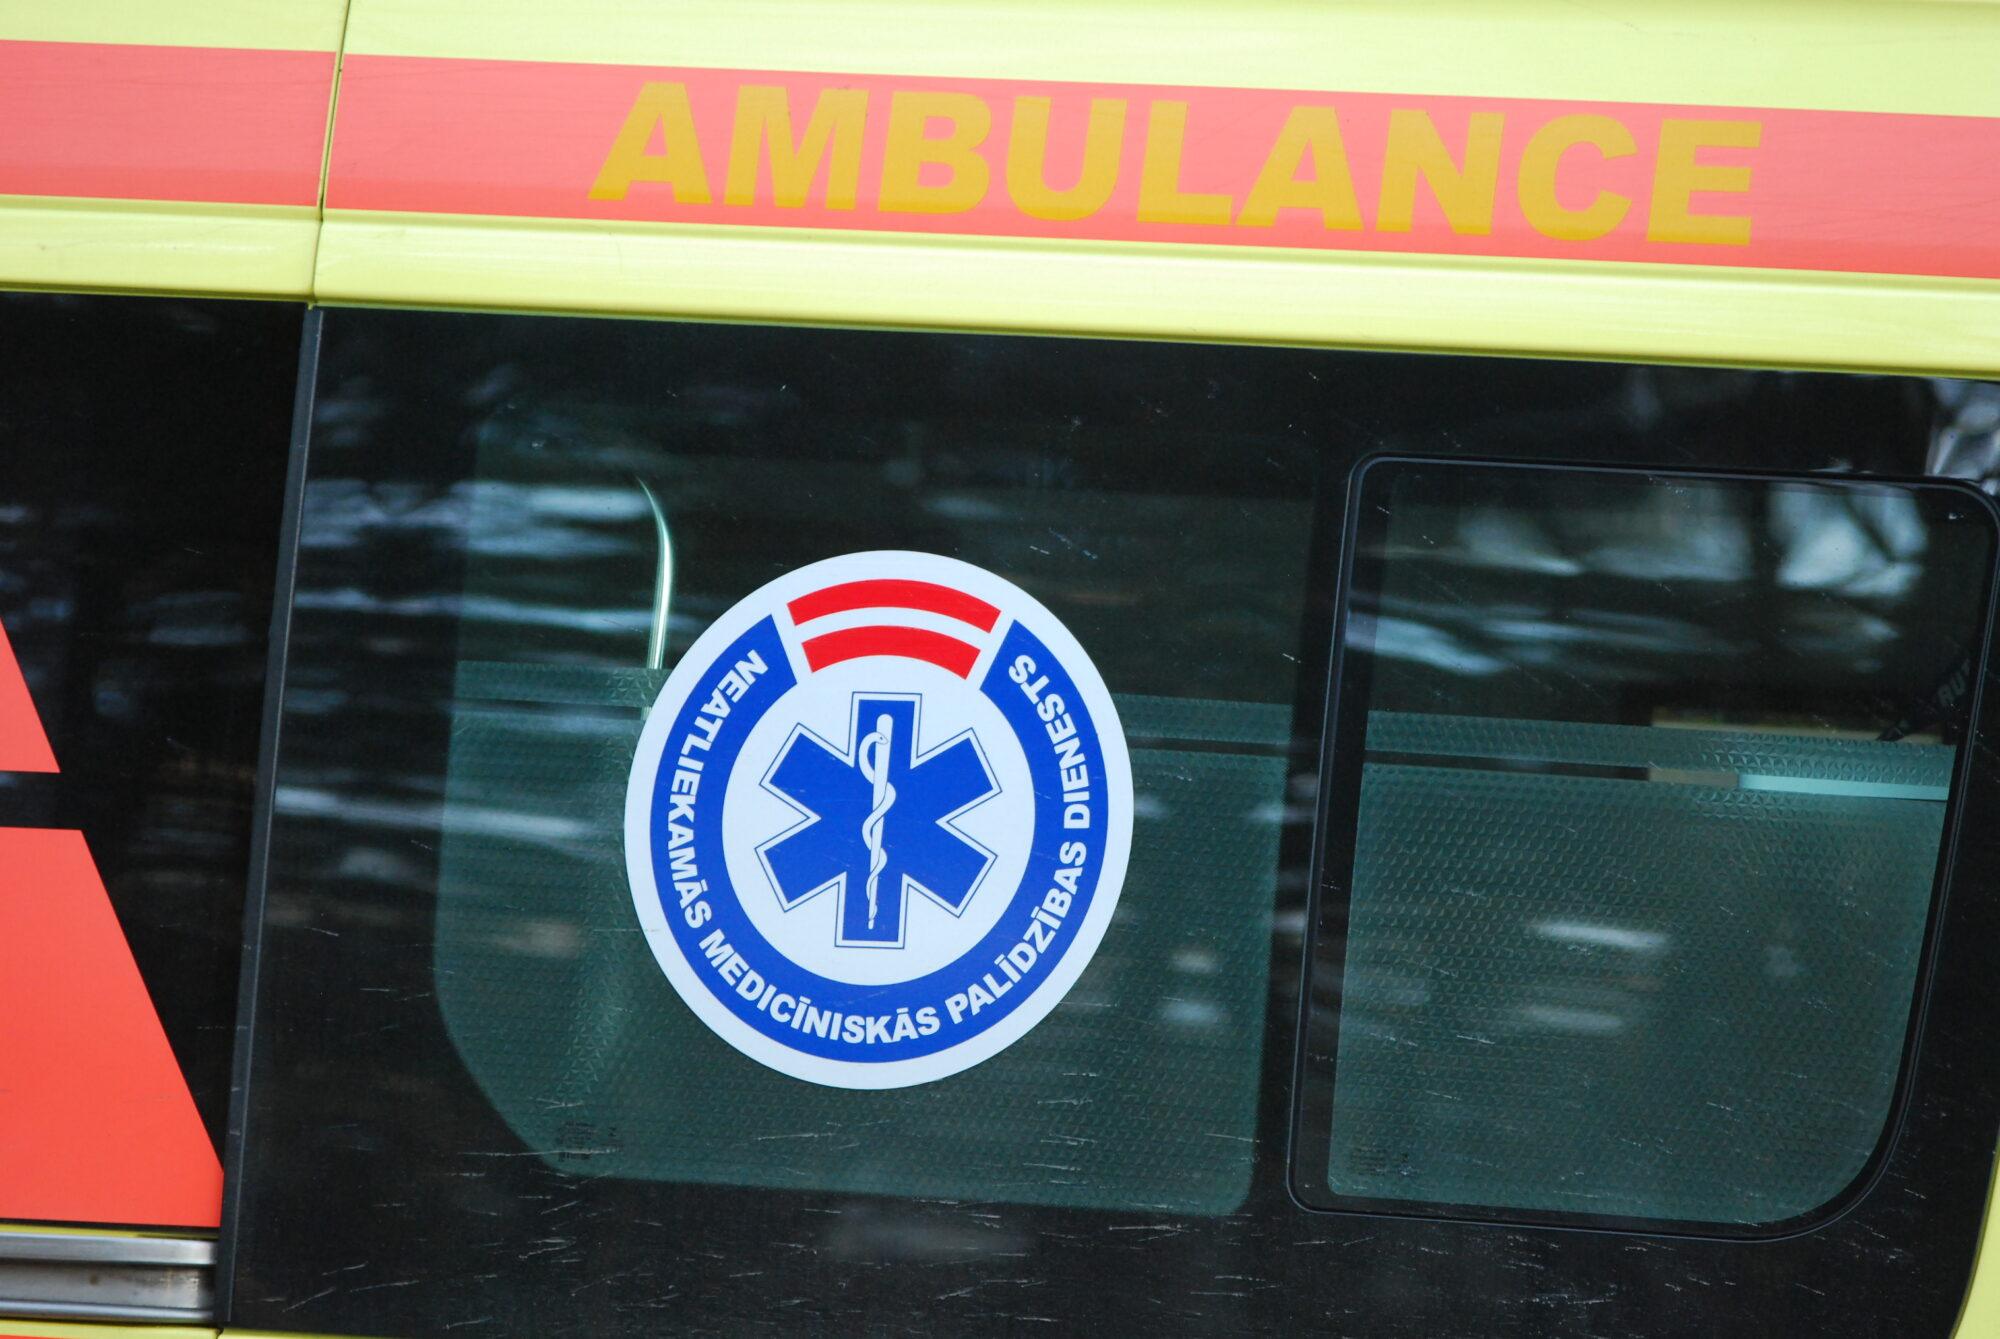 Uz Liepājas šosejas notikusi kravas un vieglās automašīnas sadursme, cietuši divi cilvēki